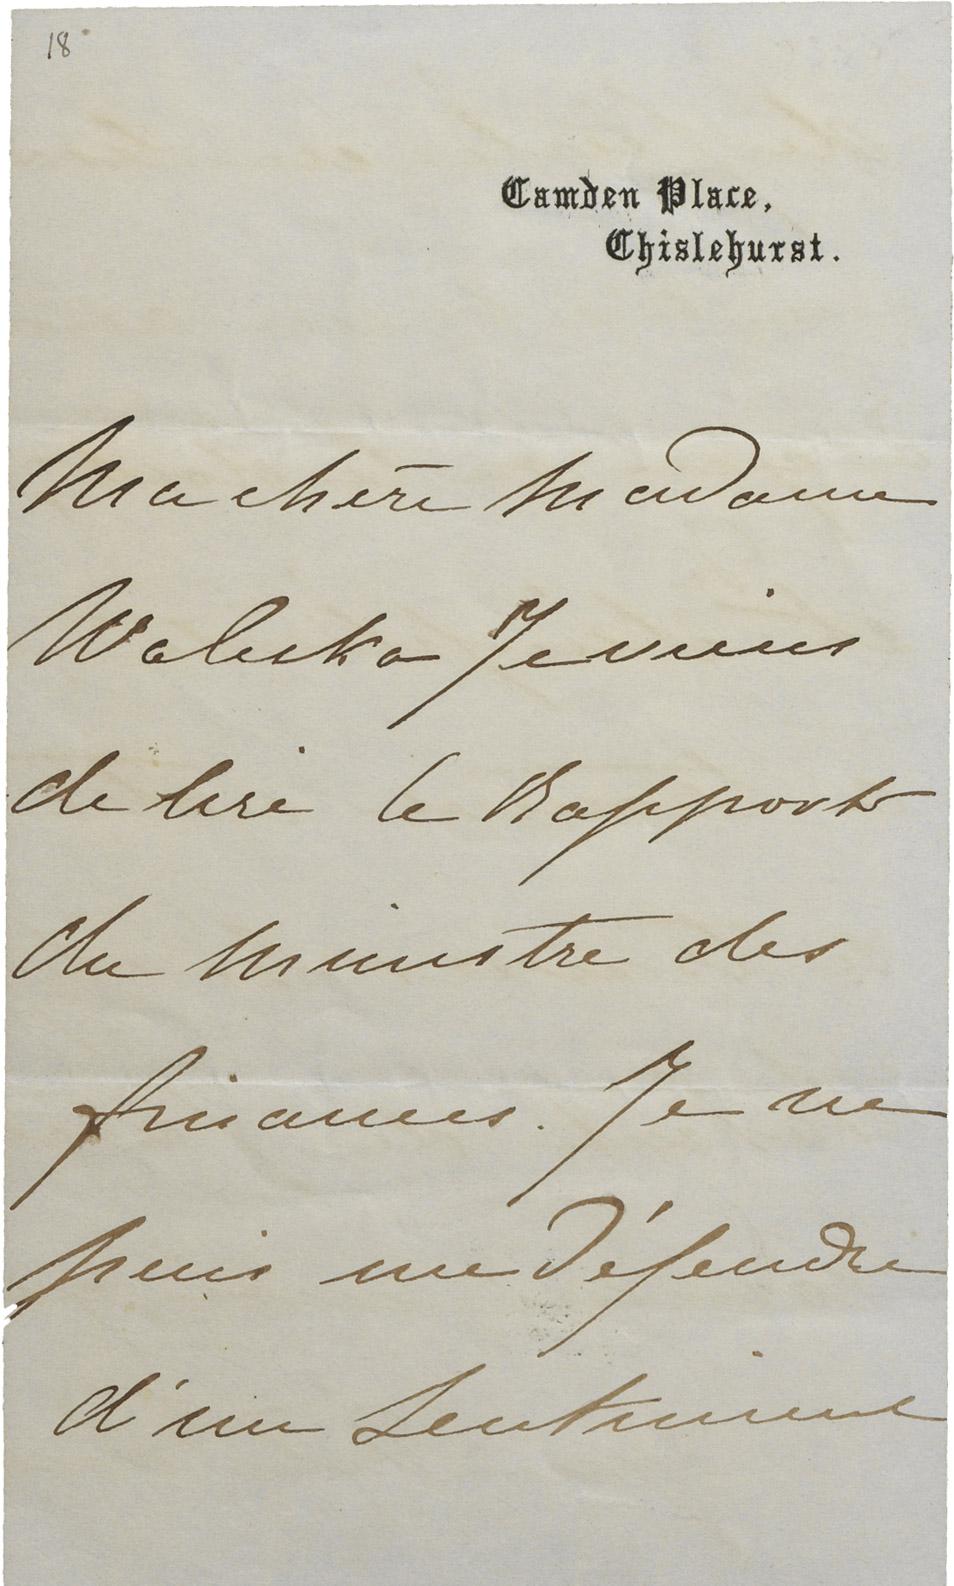 Lettre de l'impératrice Eugénie à la comtesse Walewska - Patrimoine Charles-André COLONNA WALEWSKI, en ligne directe de Napoléon